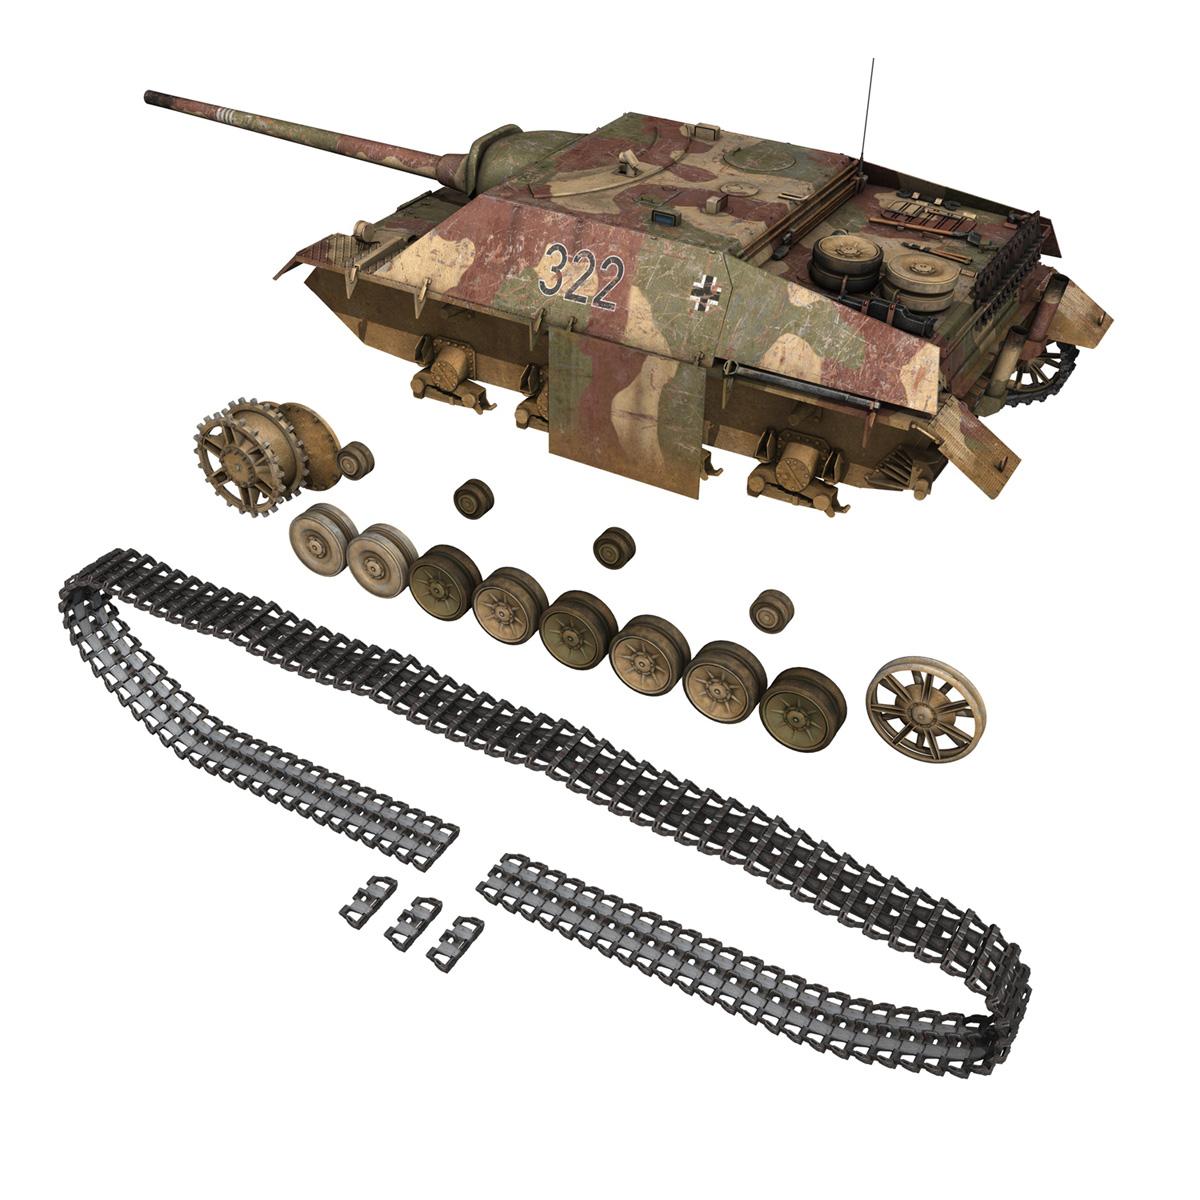 jagdpanzer iv l/70 (v) – 322 – late production 3d model 3ds fbx c4d lwo obj 280419